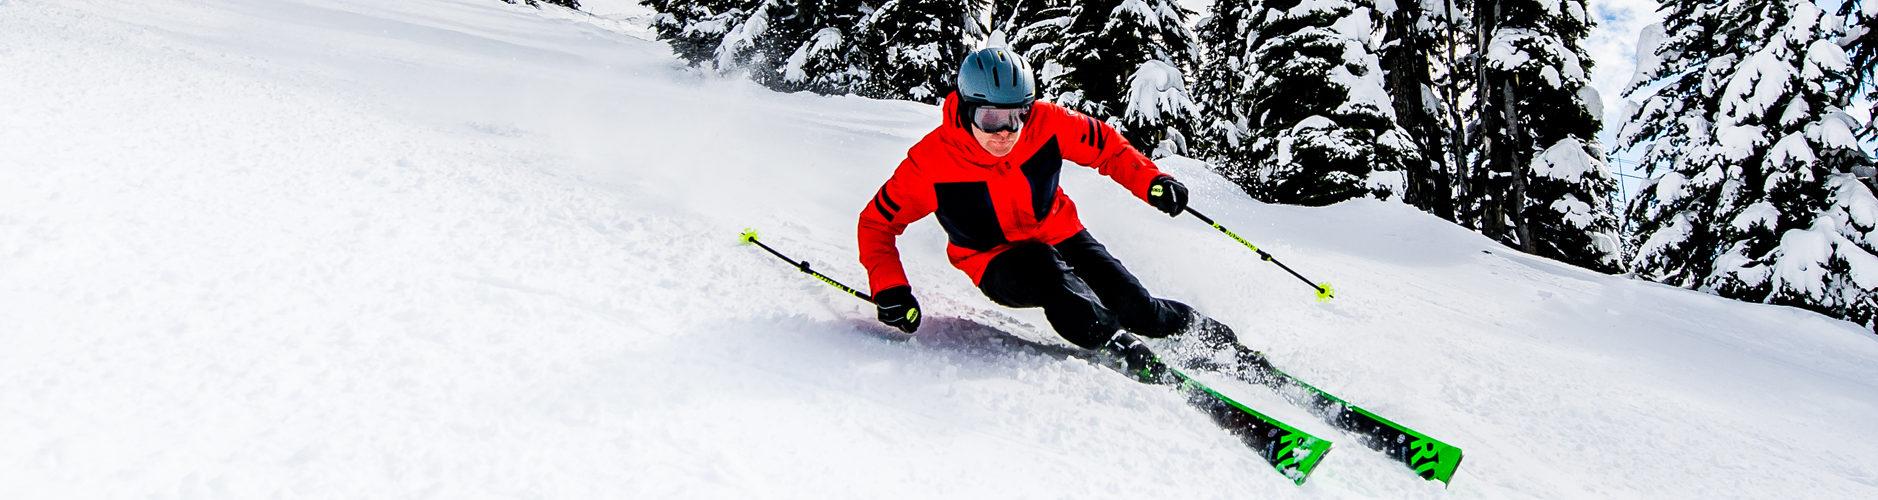 rossignol-alpine-ski.jpg